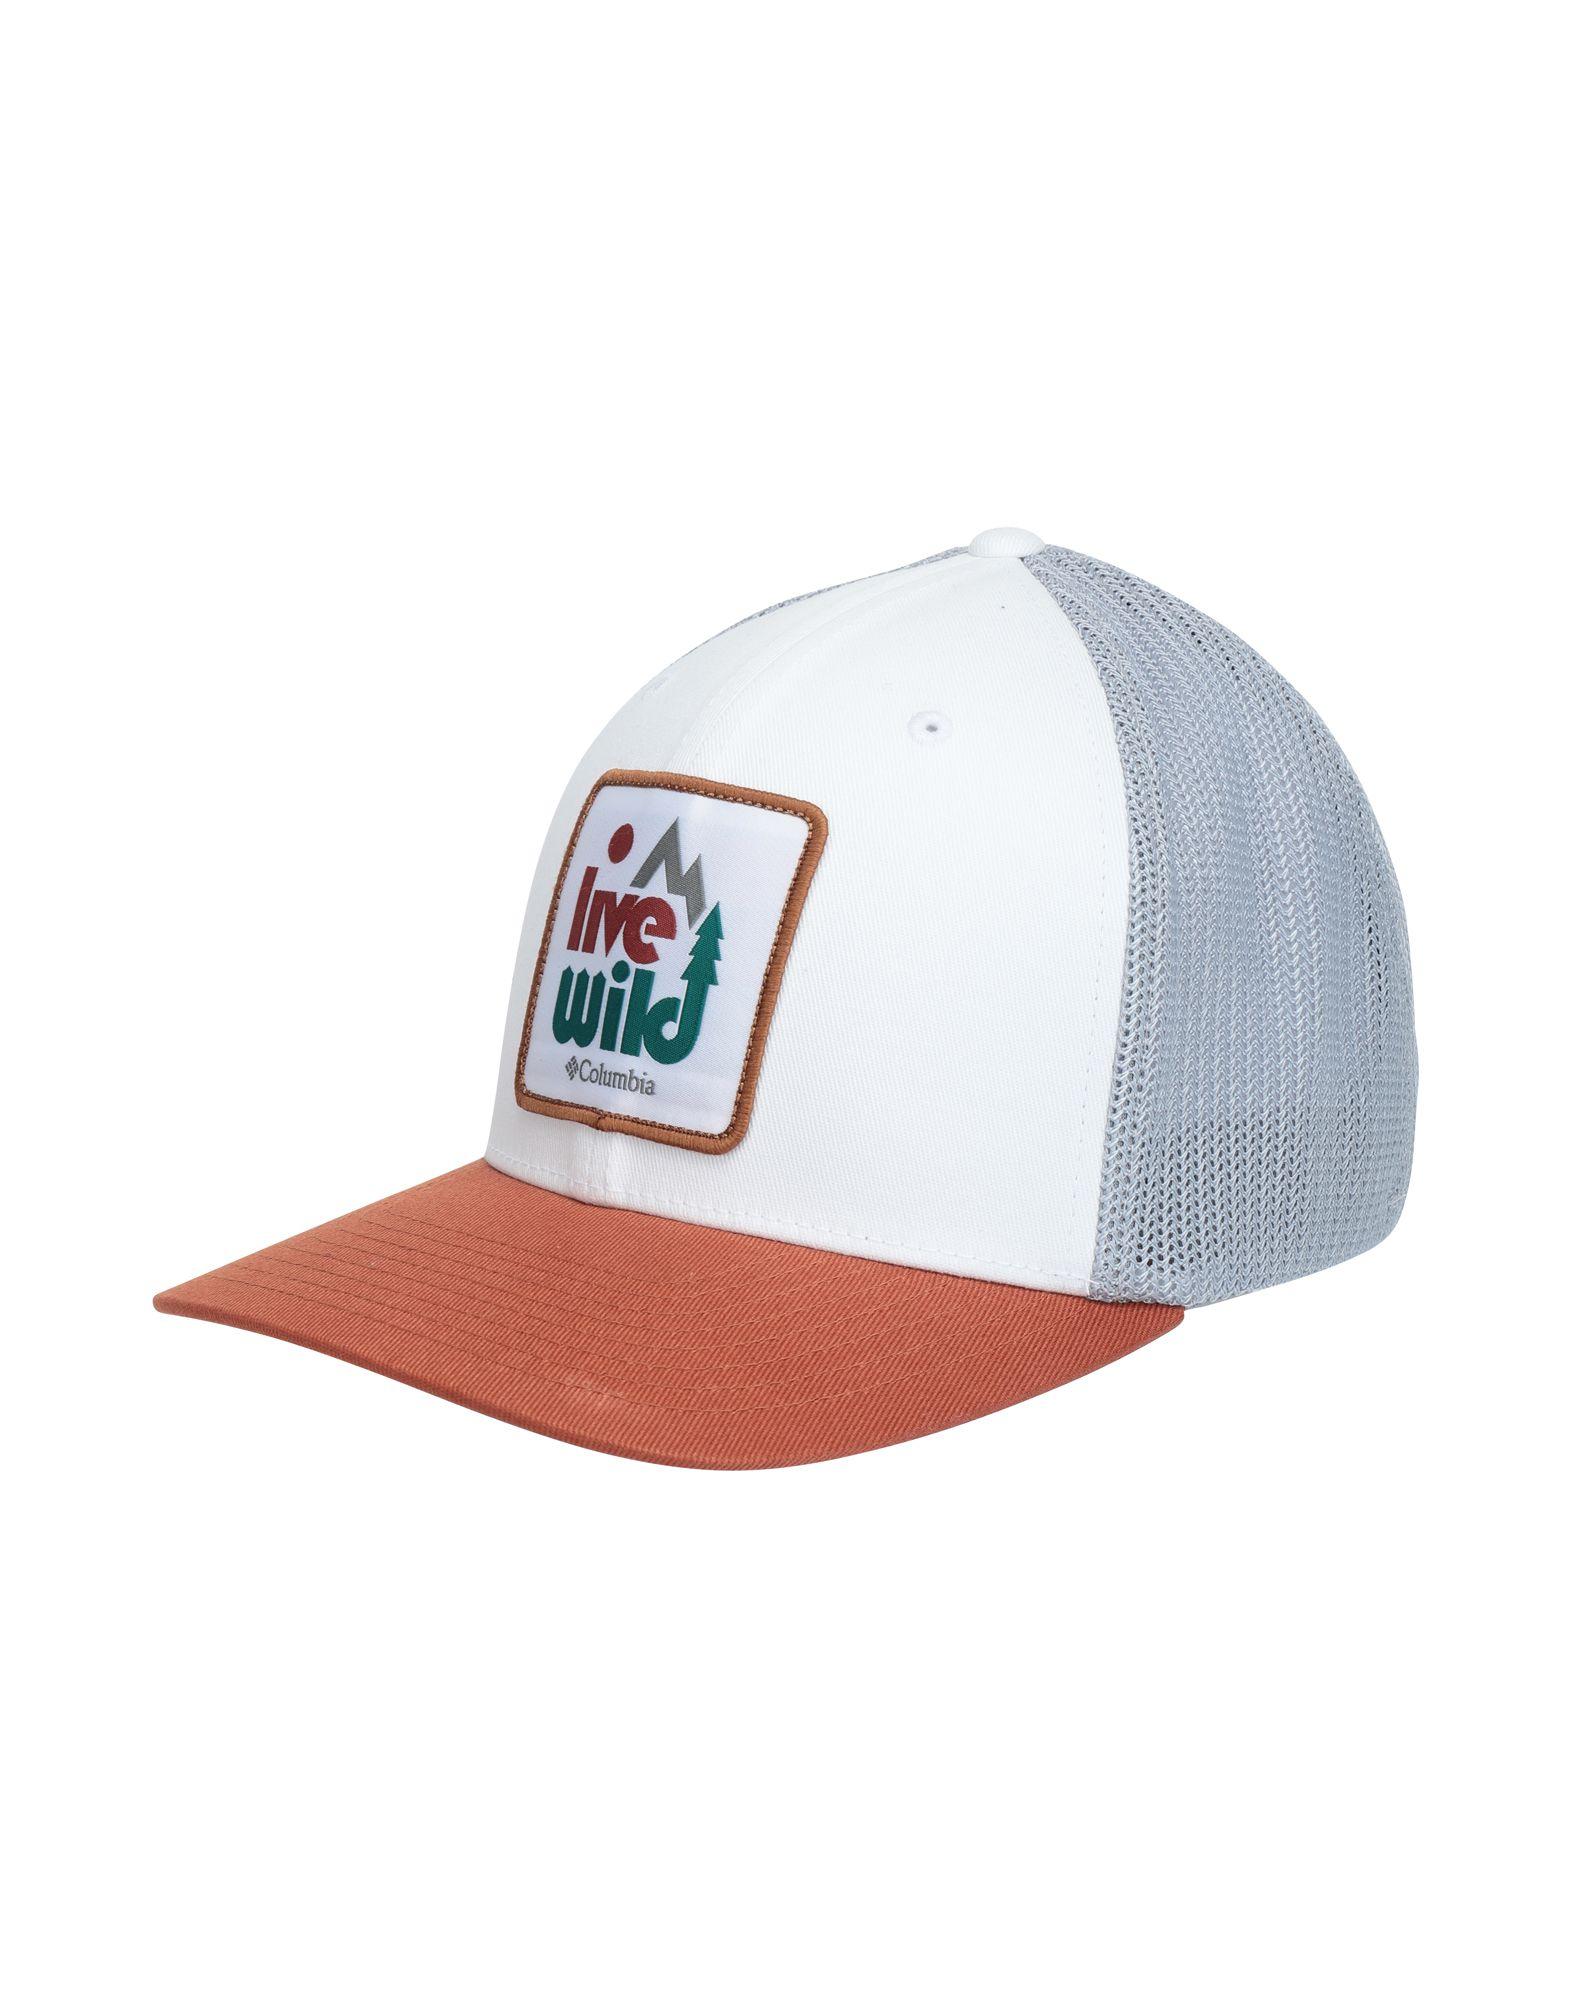 《セール開催中》COLUMBIA Unisex 帽子 ホワイト S/M コットン 98% / ポリウレタン 2% Trail Ethos Mesh Hat